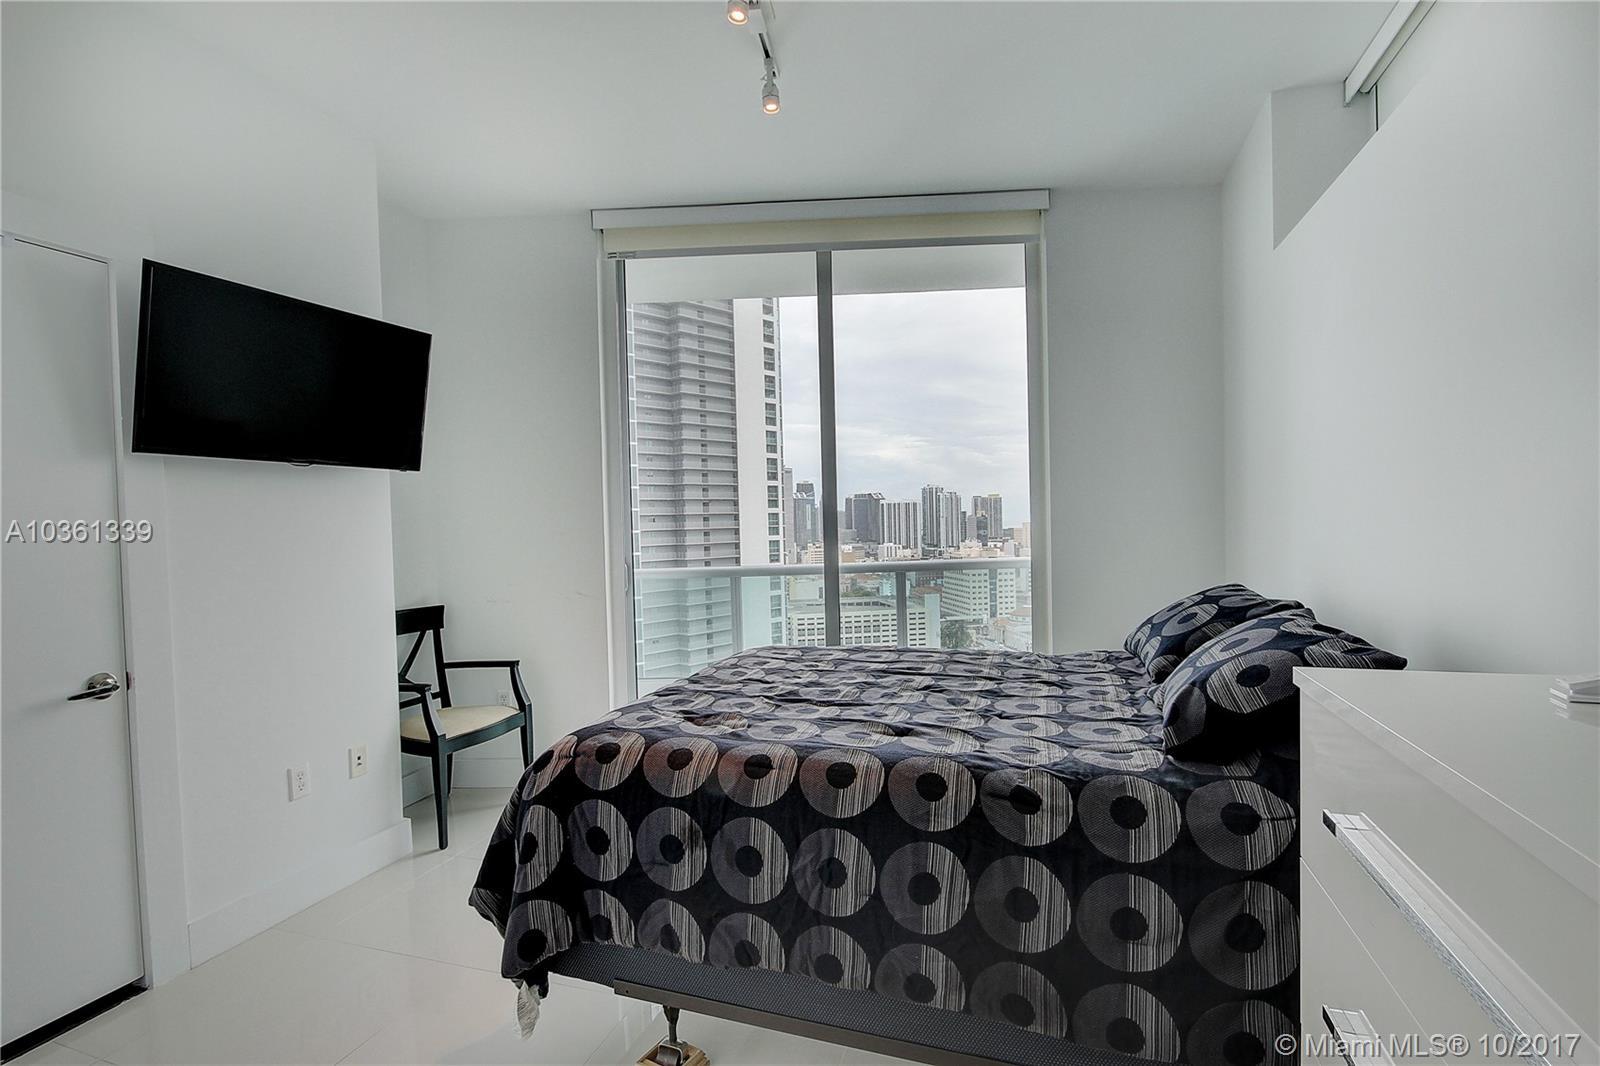 900 BISCAYNE BLVD # 3112, Miami , FL 33131